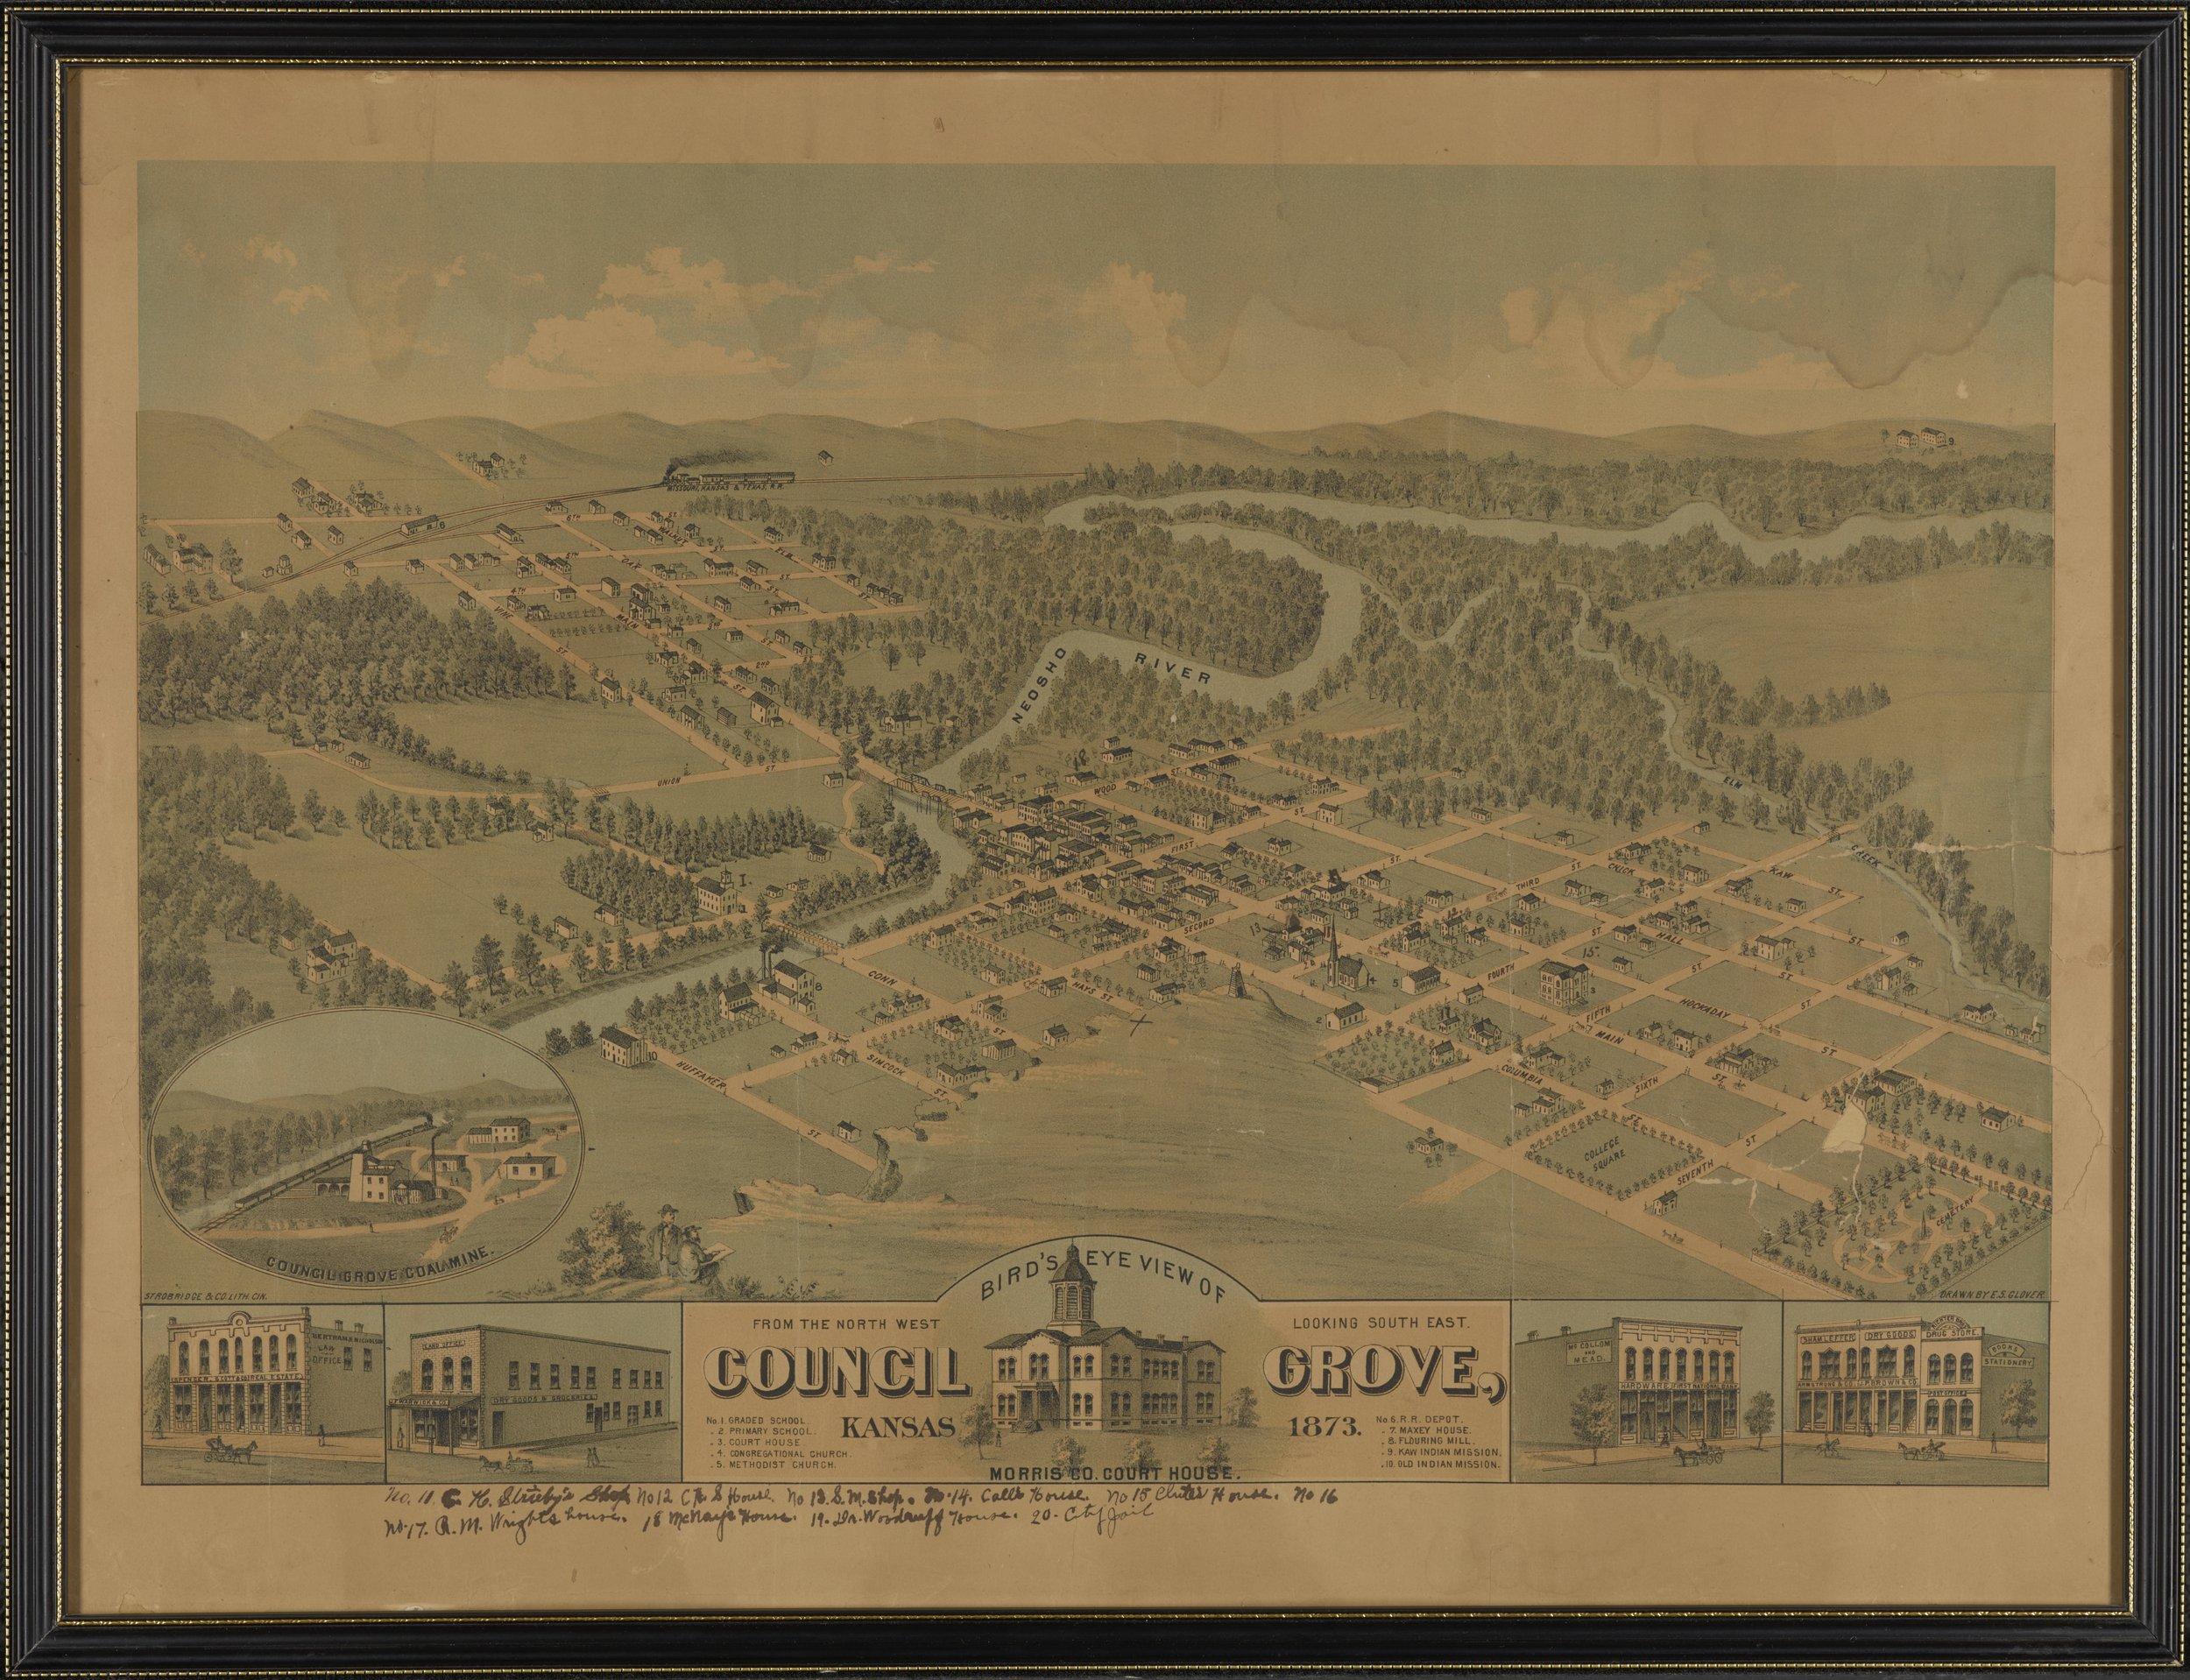 Bird's Eye view of Council Grove, Kansas - 1